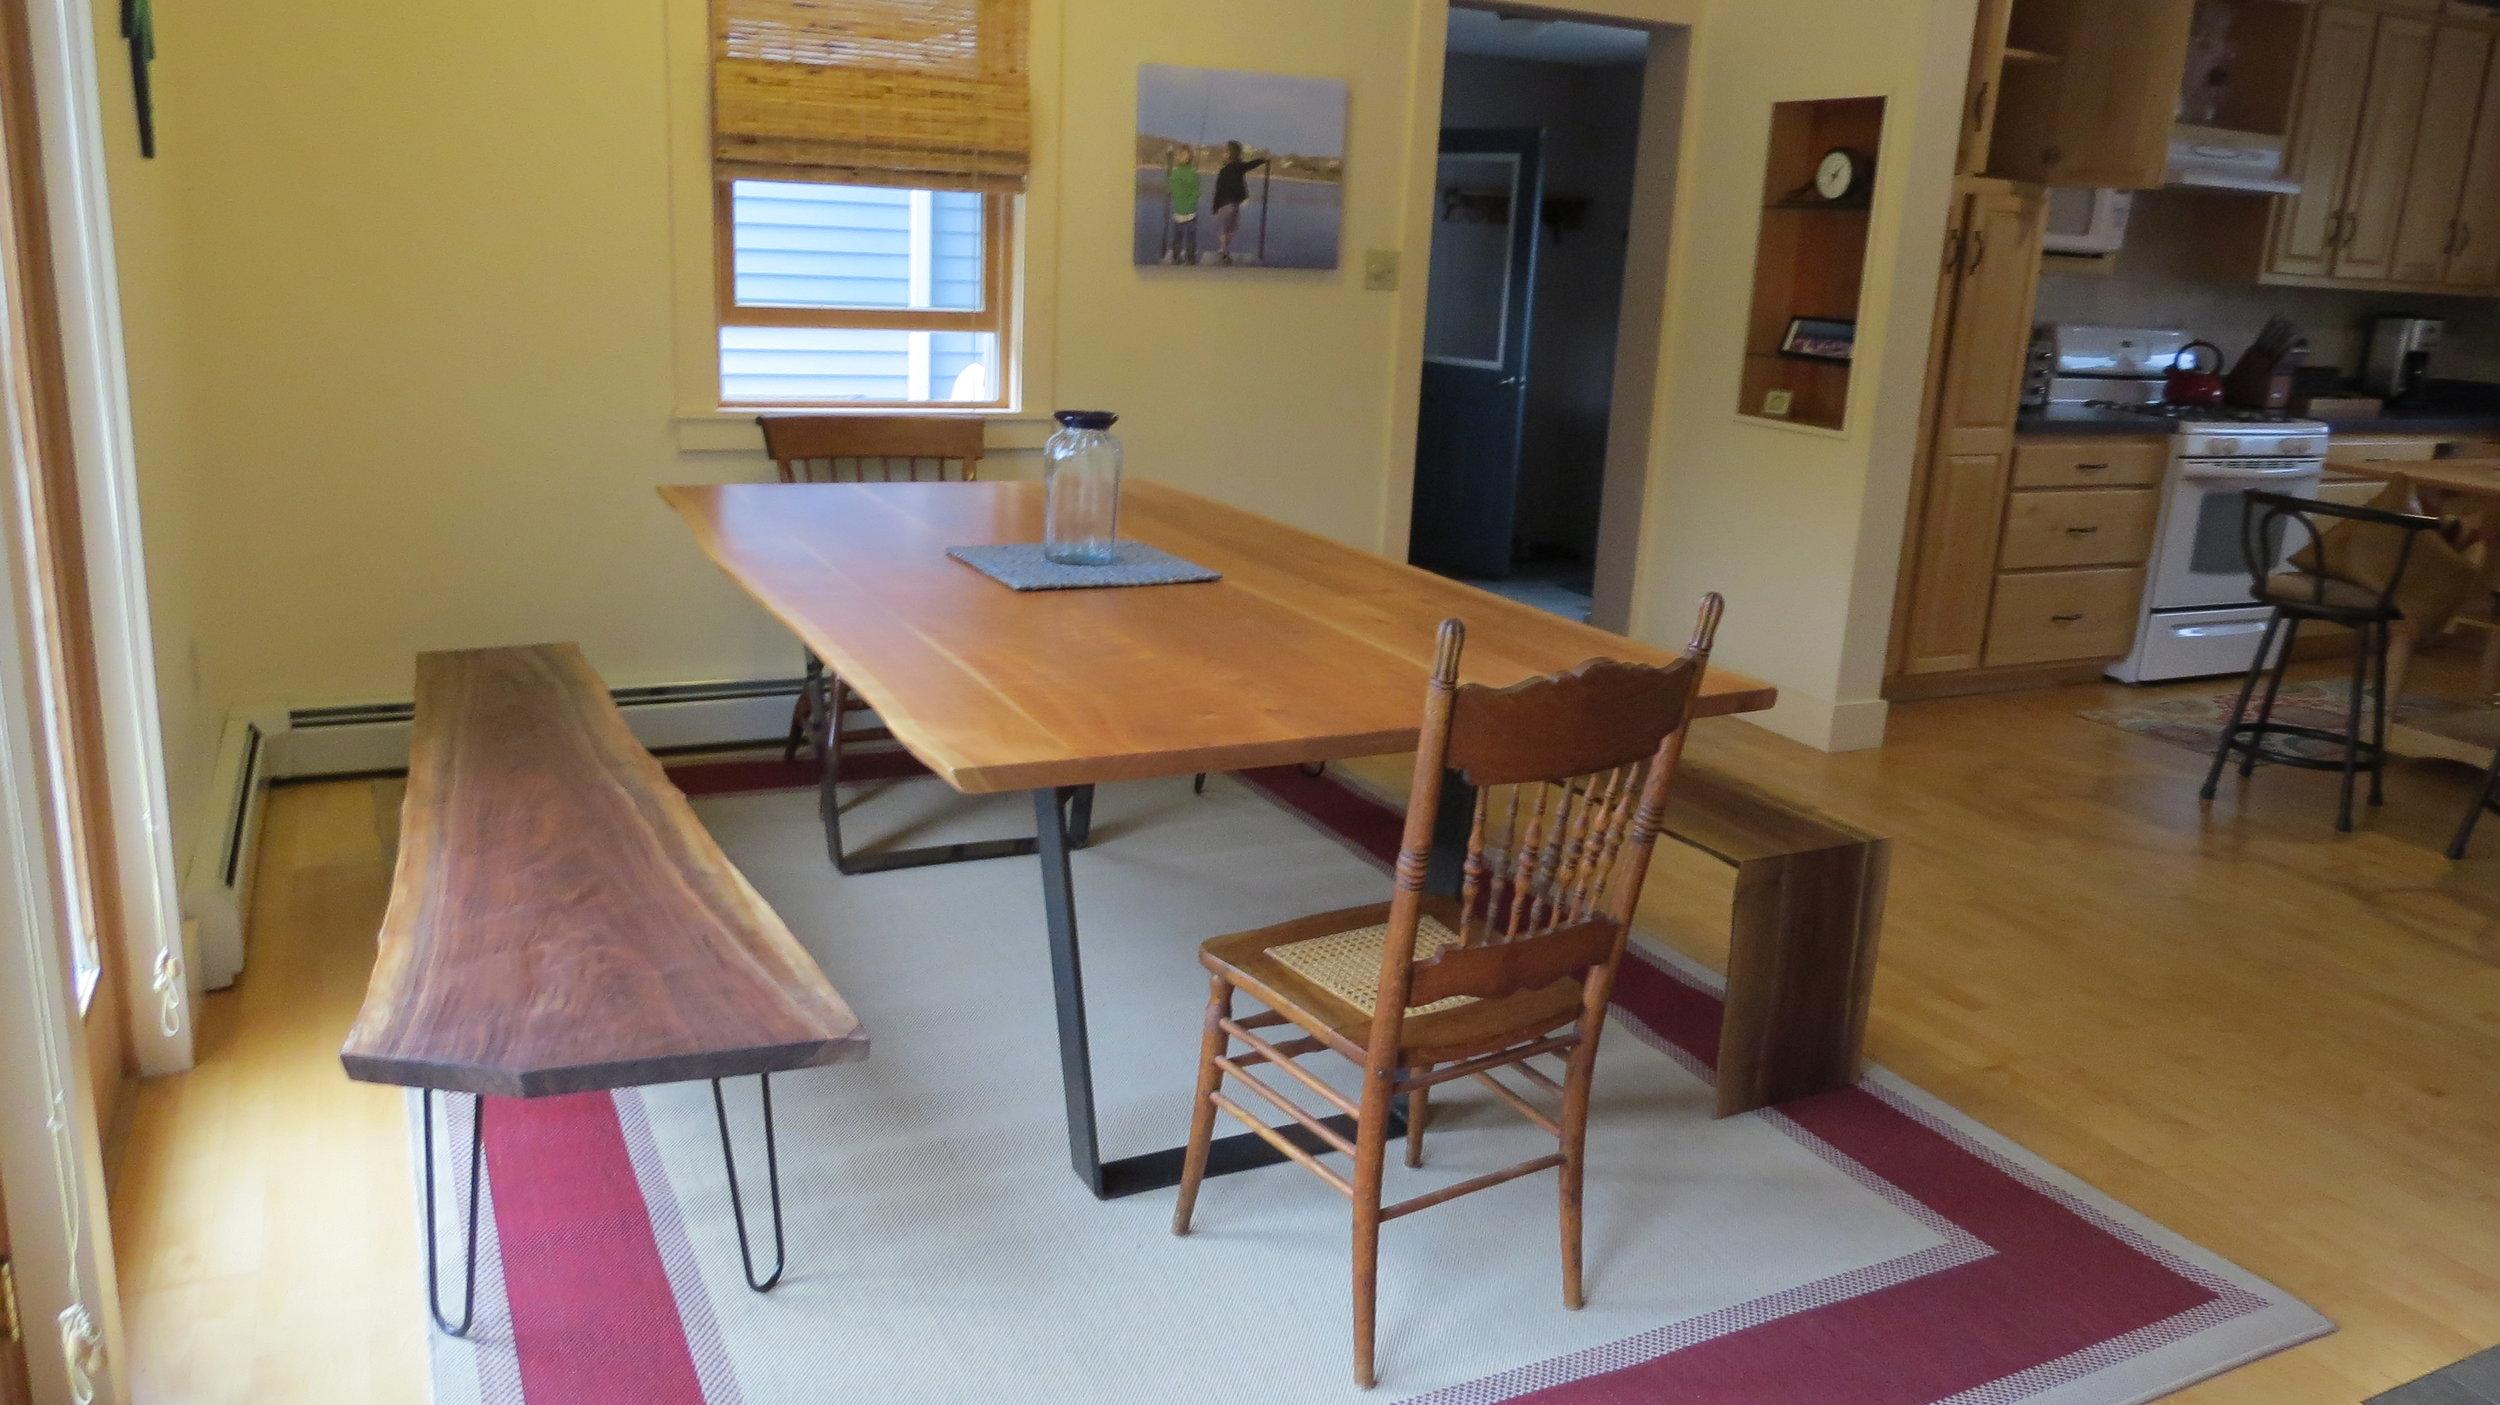 VT Dining Table.JPG